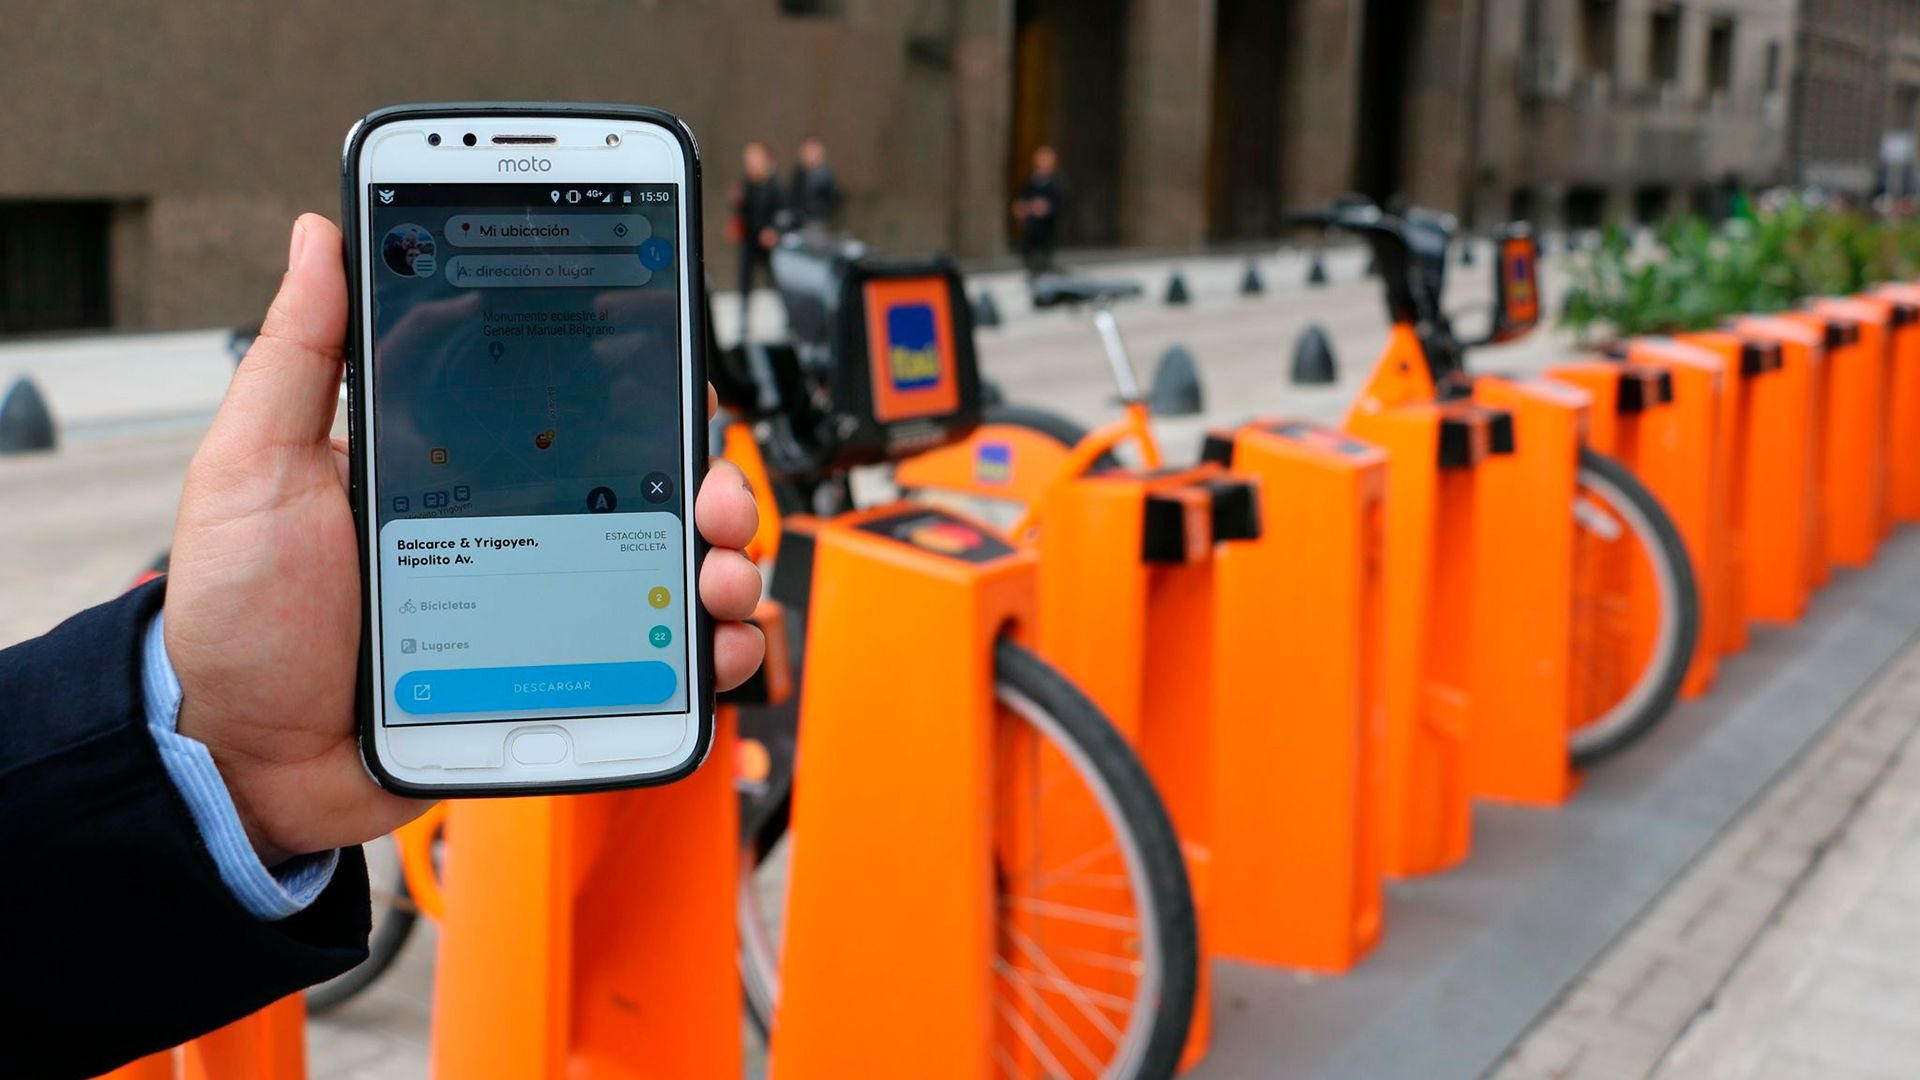 El sistema Eco Bici sigue siendo gratuito pero desde junio se implementó una herramienta para garantizar la rotación de bicicletas. Se trata de una penalidad por exceso de uso. De esta manera, los primeros 30 minutos de viaje son gratuitos (se otorgan 5 minutos adicionales de tolerancia)